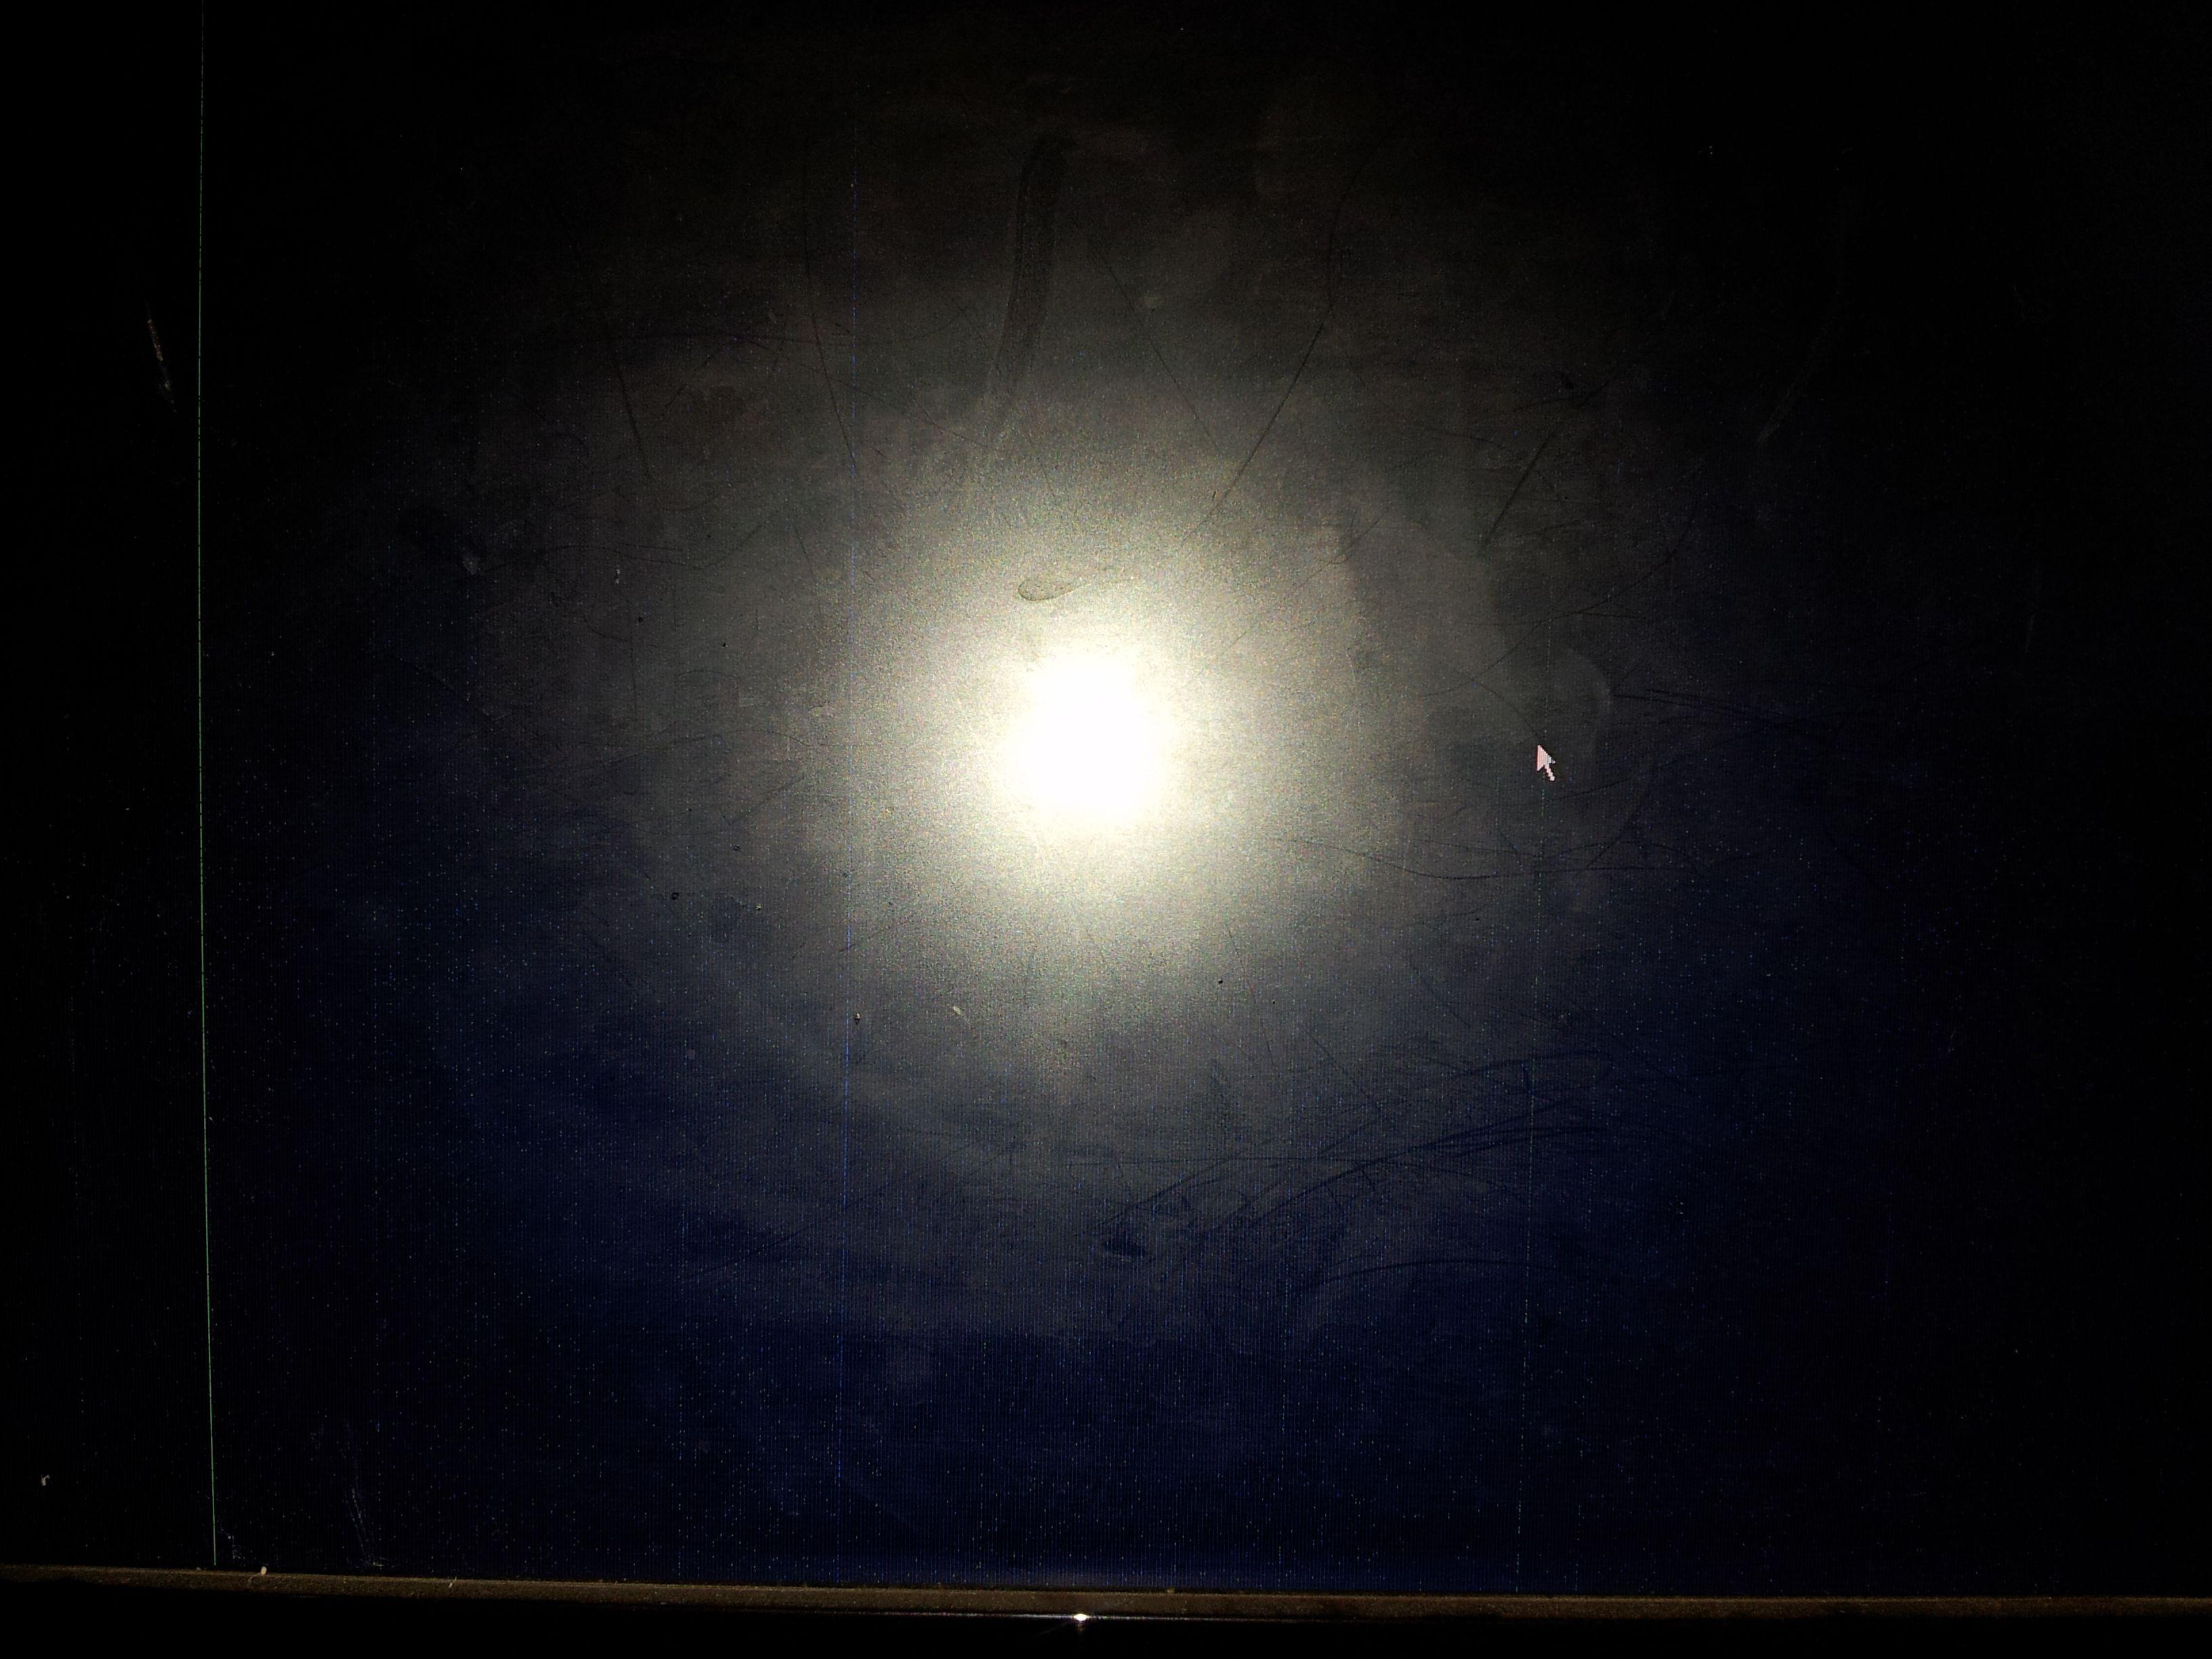 背景 壁纸 皮肤 星空 宇宙 桌面 3264_2448